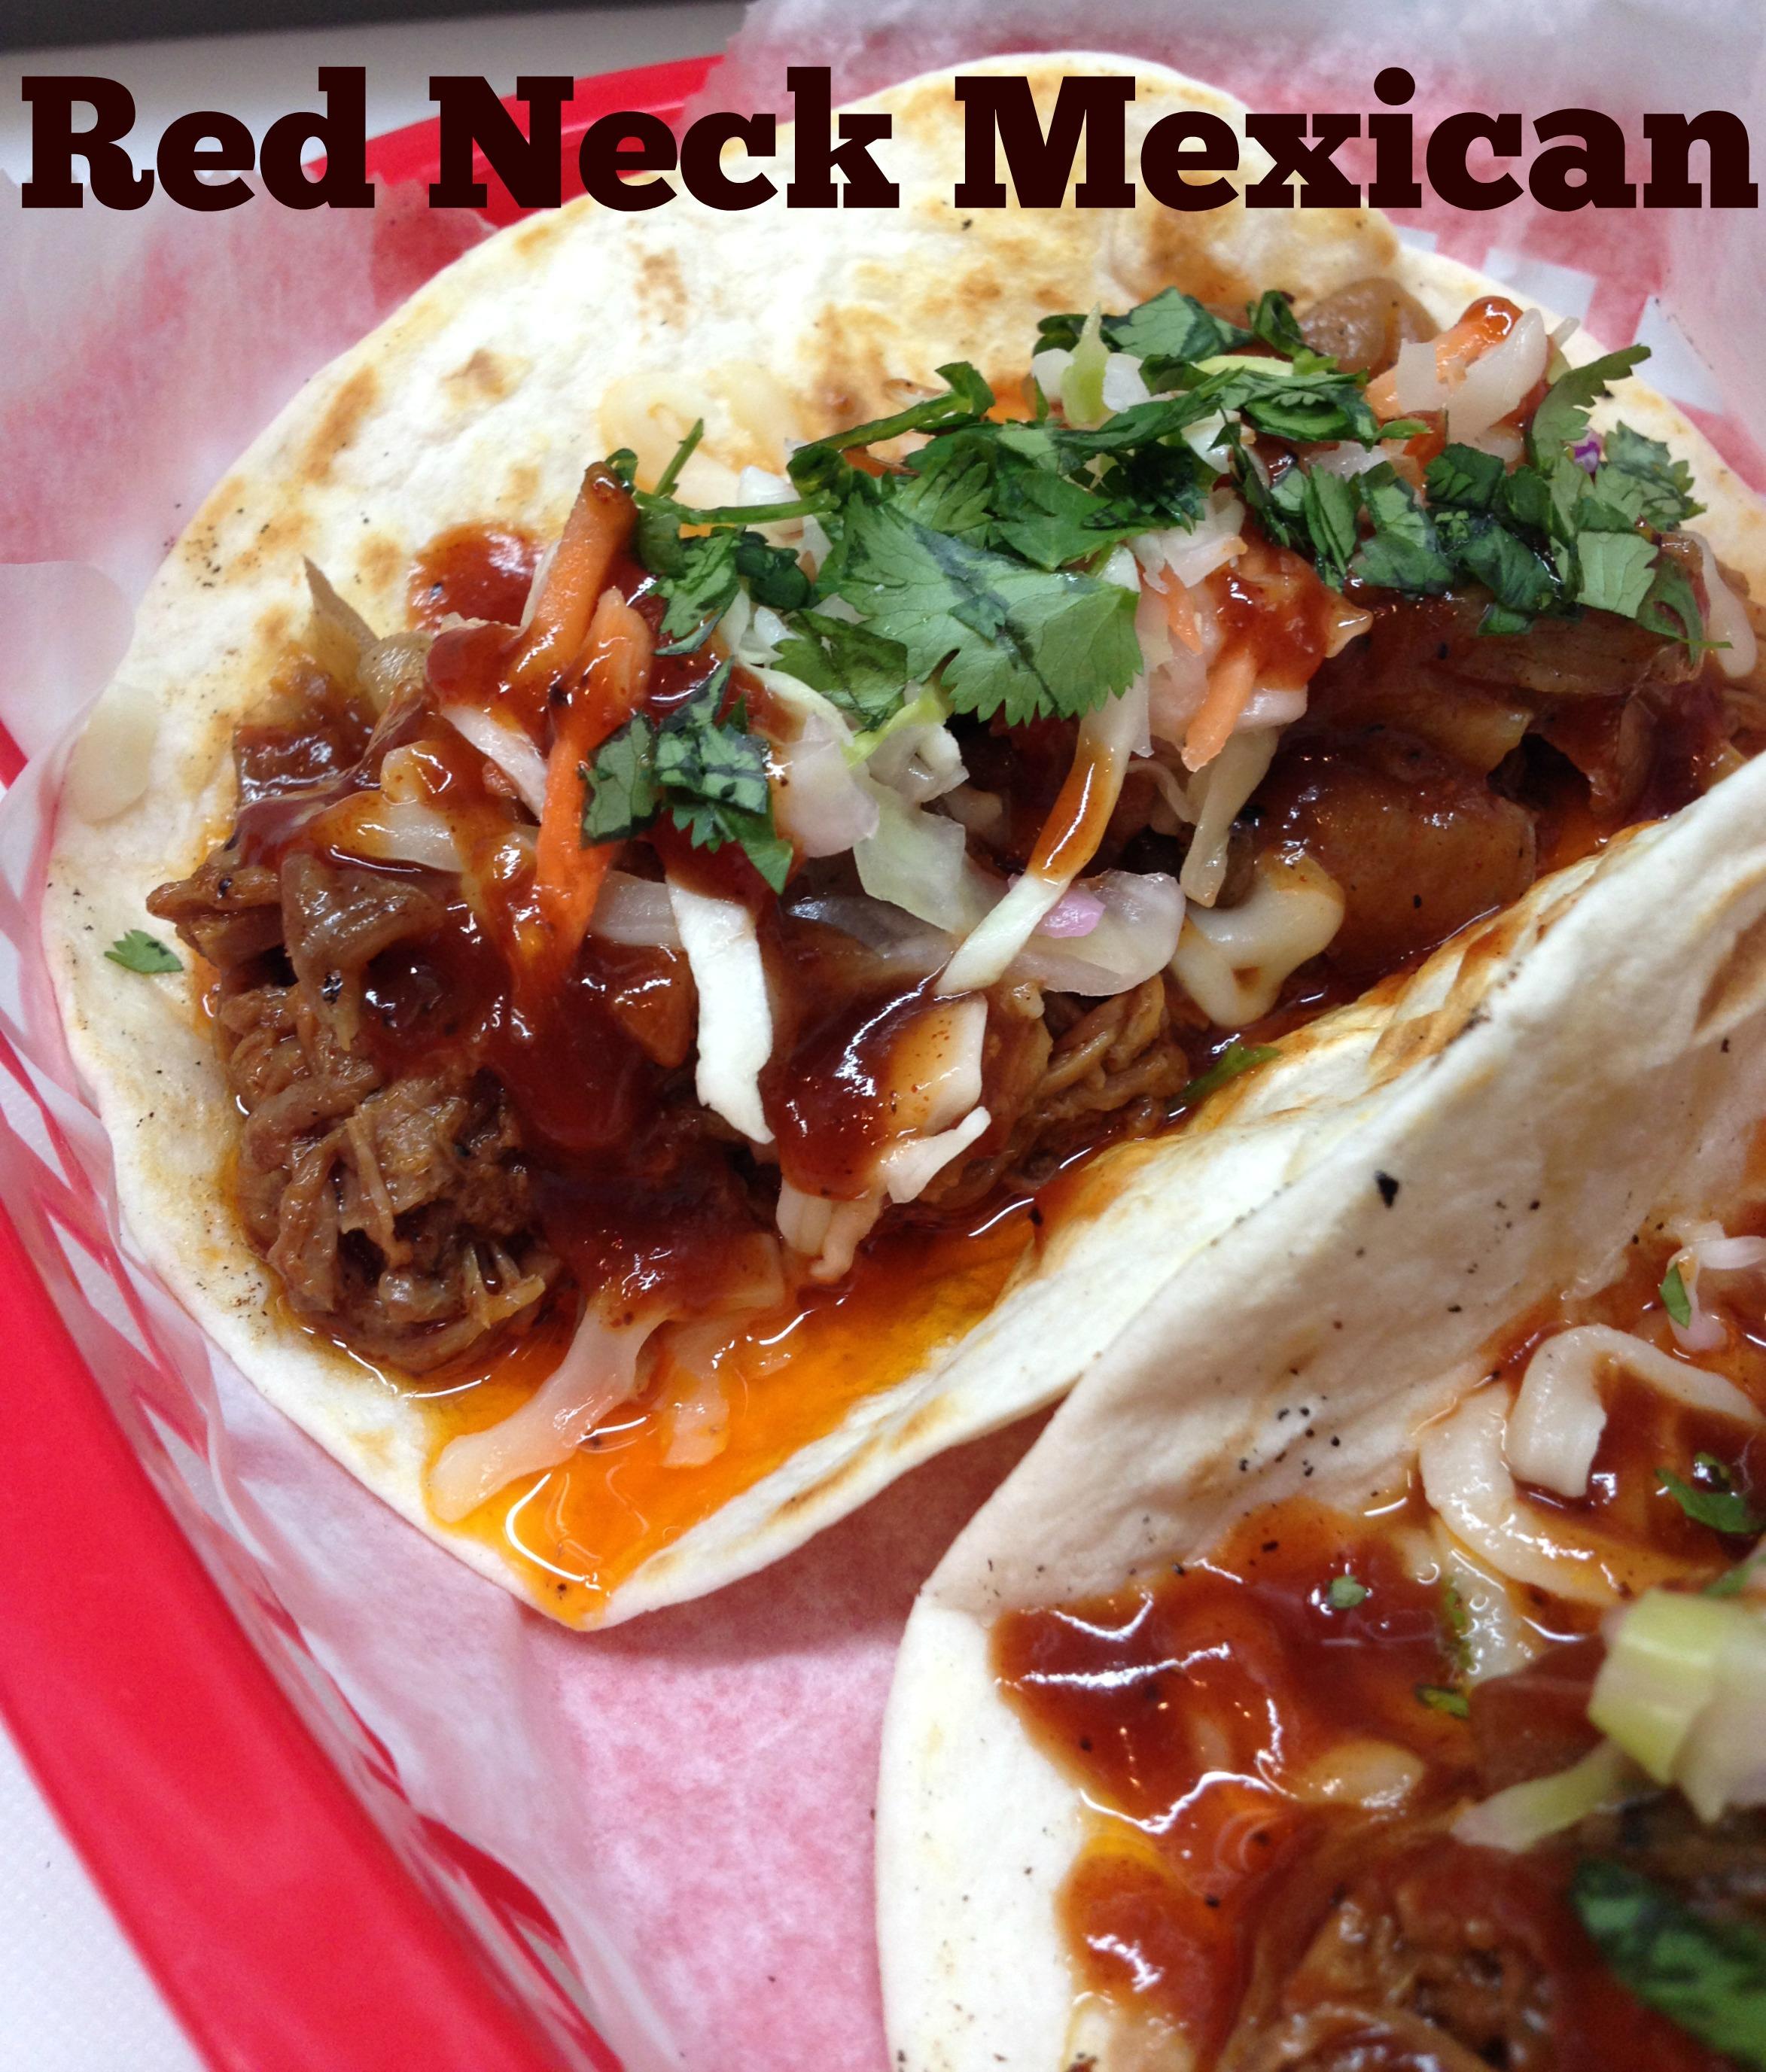 Redneck Mexican tacos